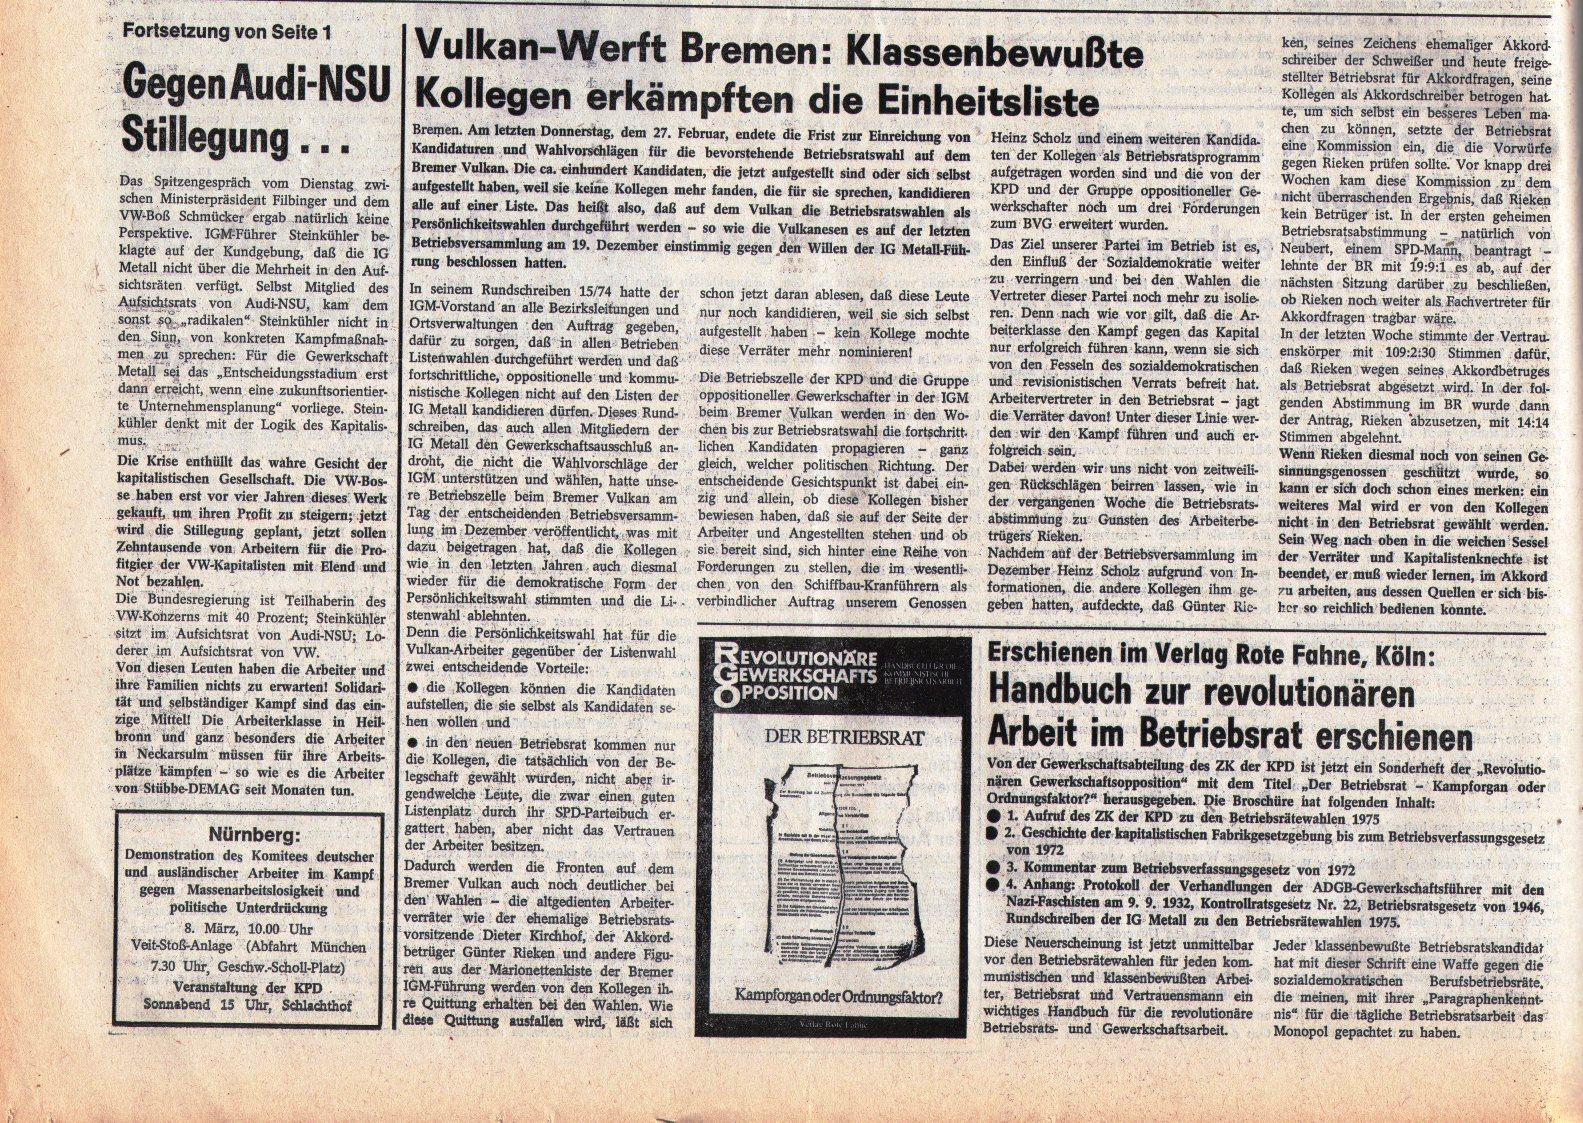 KPD_Rote_Fahne_1975_09_12